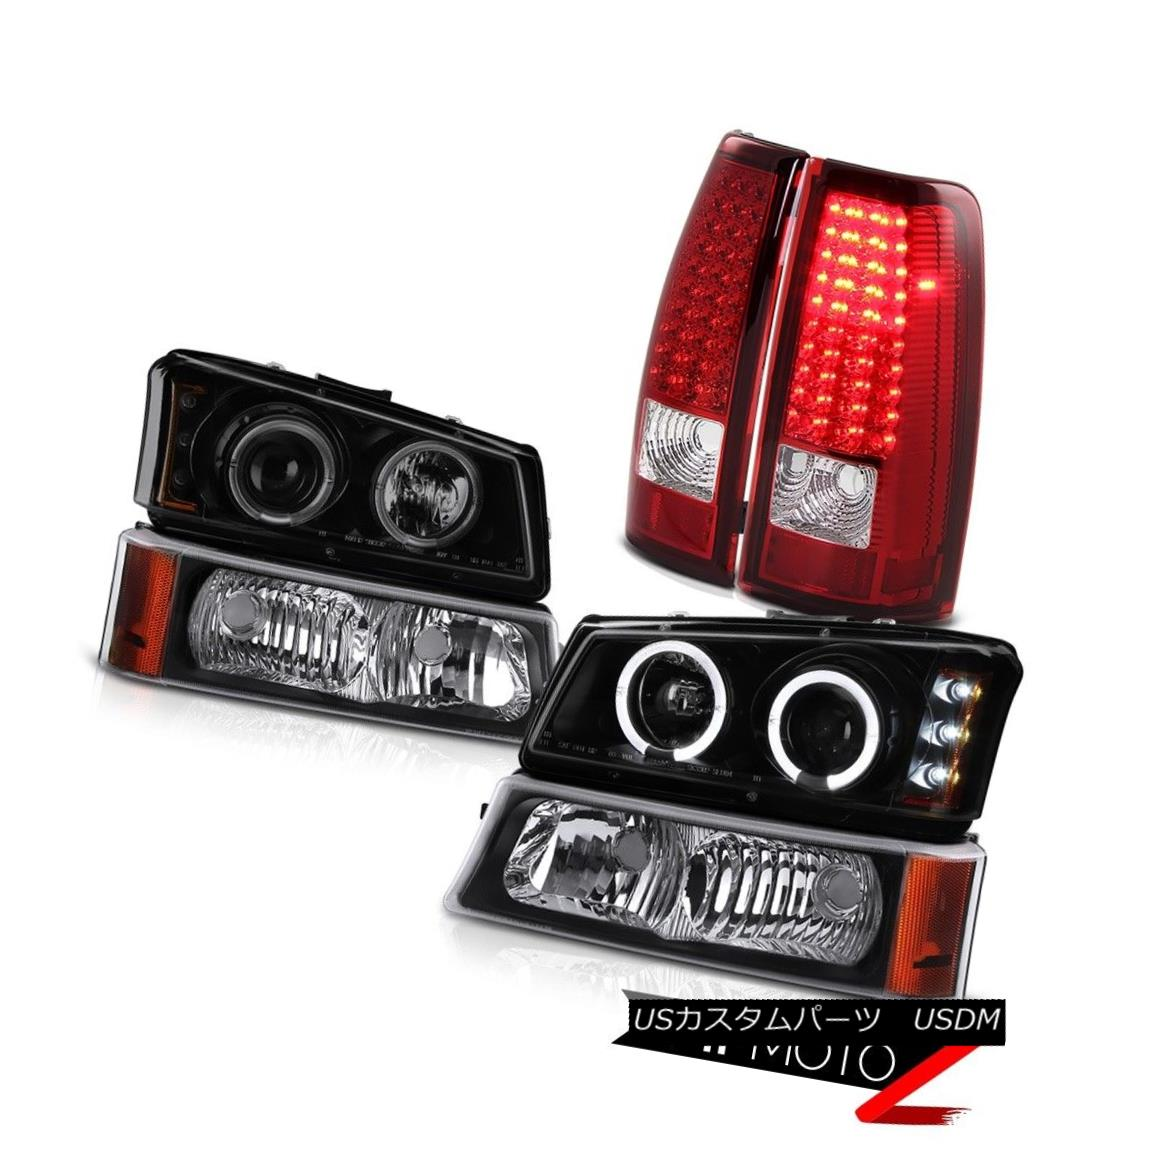 テールライト Projector Head Lights Black Parking Brightest LED Tail Lights 03-06 Silverado SS プロジェクターヘッドライトブラックパーキング最も明るいLEDテールライト03-06 Silverado SS